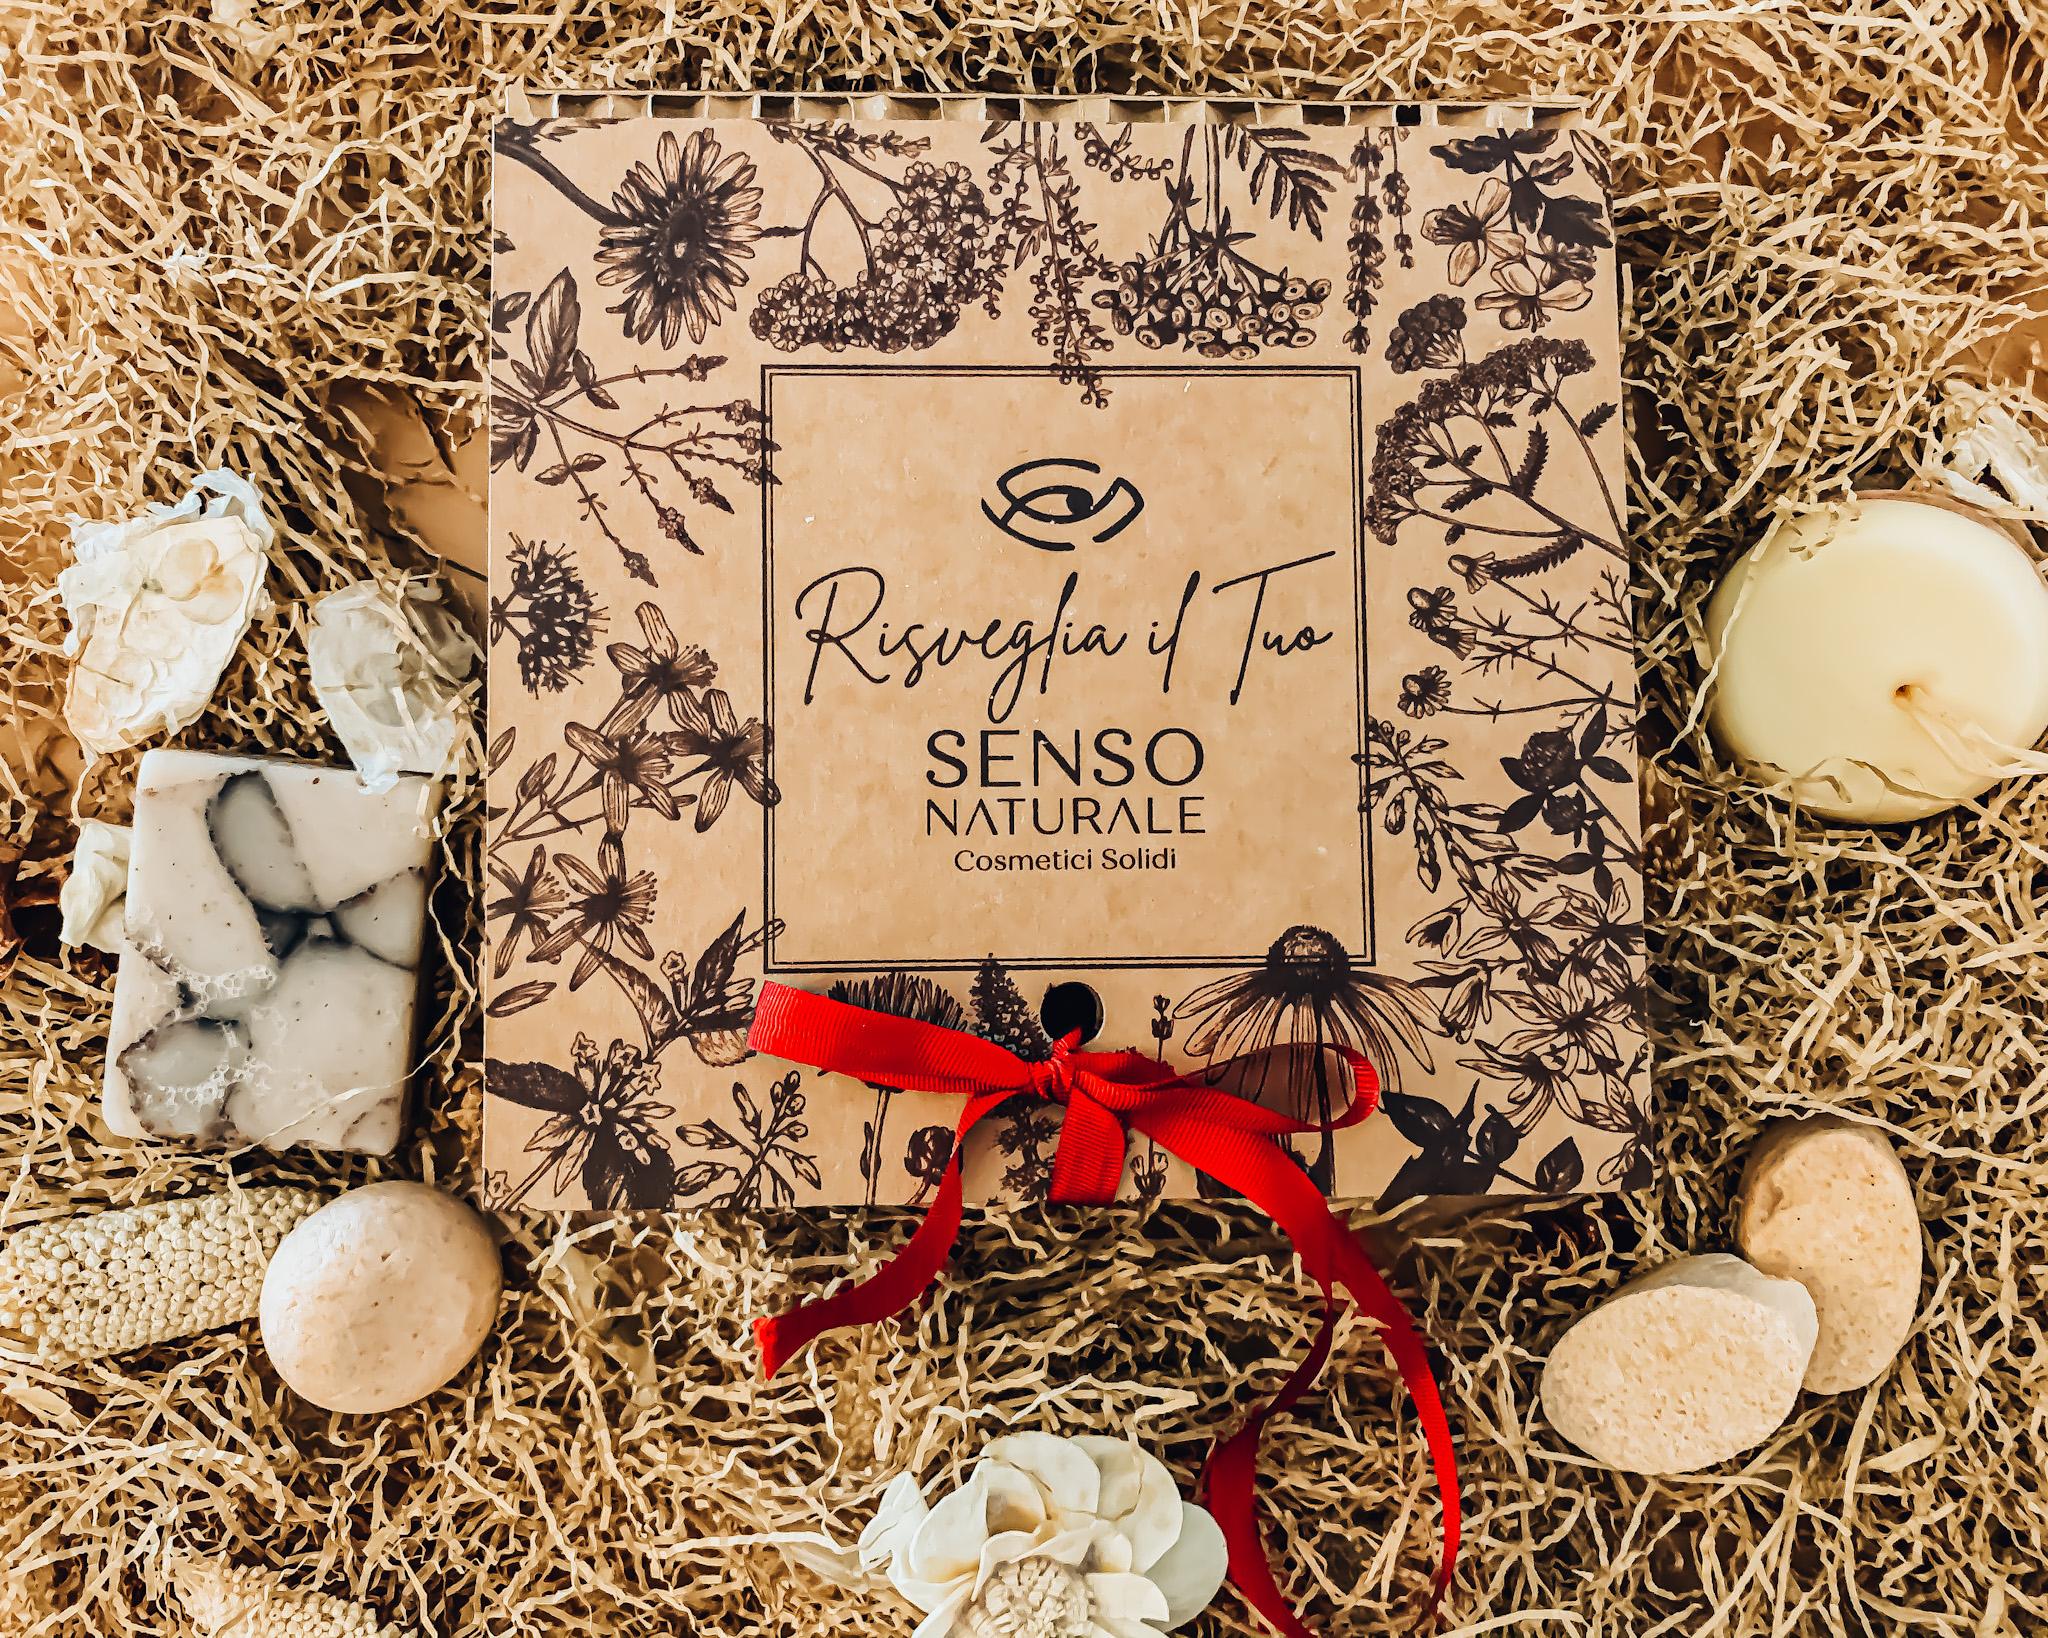 I cosmetici solidi di Sensonaturale sono ricchi di essenza naturali e di estratti fitoterapici, e sono amici dell'ambiente perchè vengono imballati con materiale riciclato.